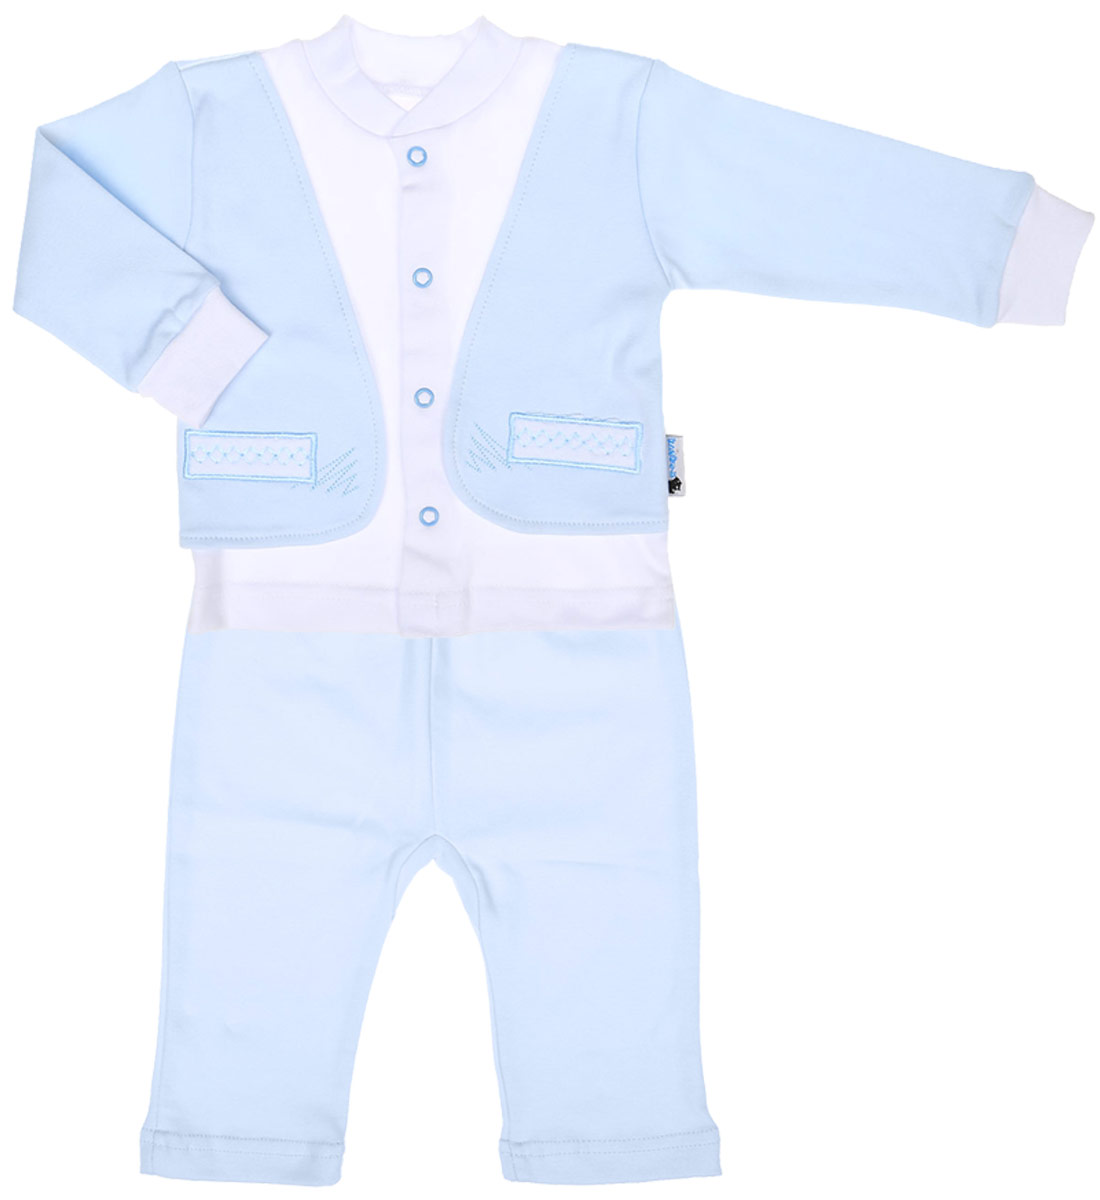 Комплект для мальчика Клякса: кофточка, штанишки, цвет: светло-голубой, белый. 37к-2005. Размер 6237к-2005Комплект для мальчика Клякса, изготовленный из натурального хлопка, состоит из кофточки и штанишек. Кофточка с имитацией пиджака застегивается спереди на кнопки. Модель с длинными рукавами имеет круглый вырез горловины, дополненный мягкой трикотажной резинкой. На рукавах предусмотрены эластичные манжеты. Кофточка украшена вышивкой. Штанишки с завышенной линией талии имеют мягкий эластичный пояс.